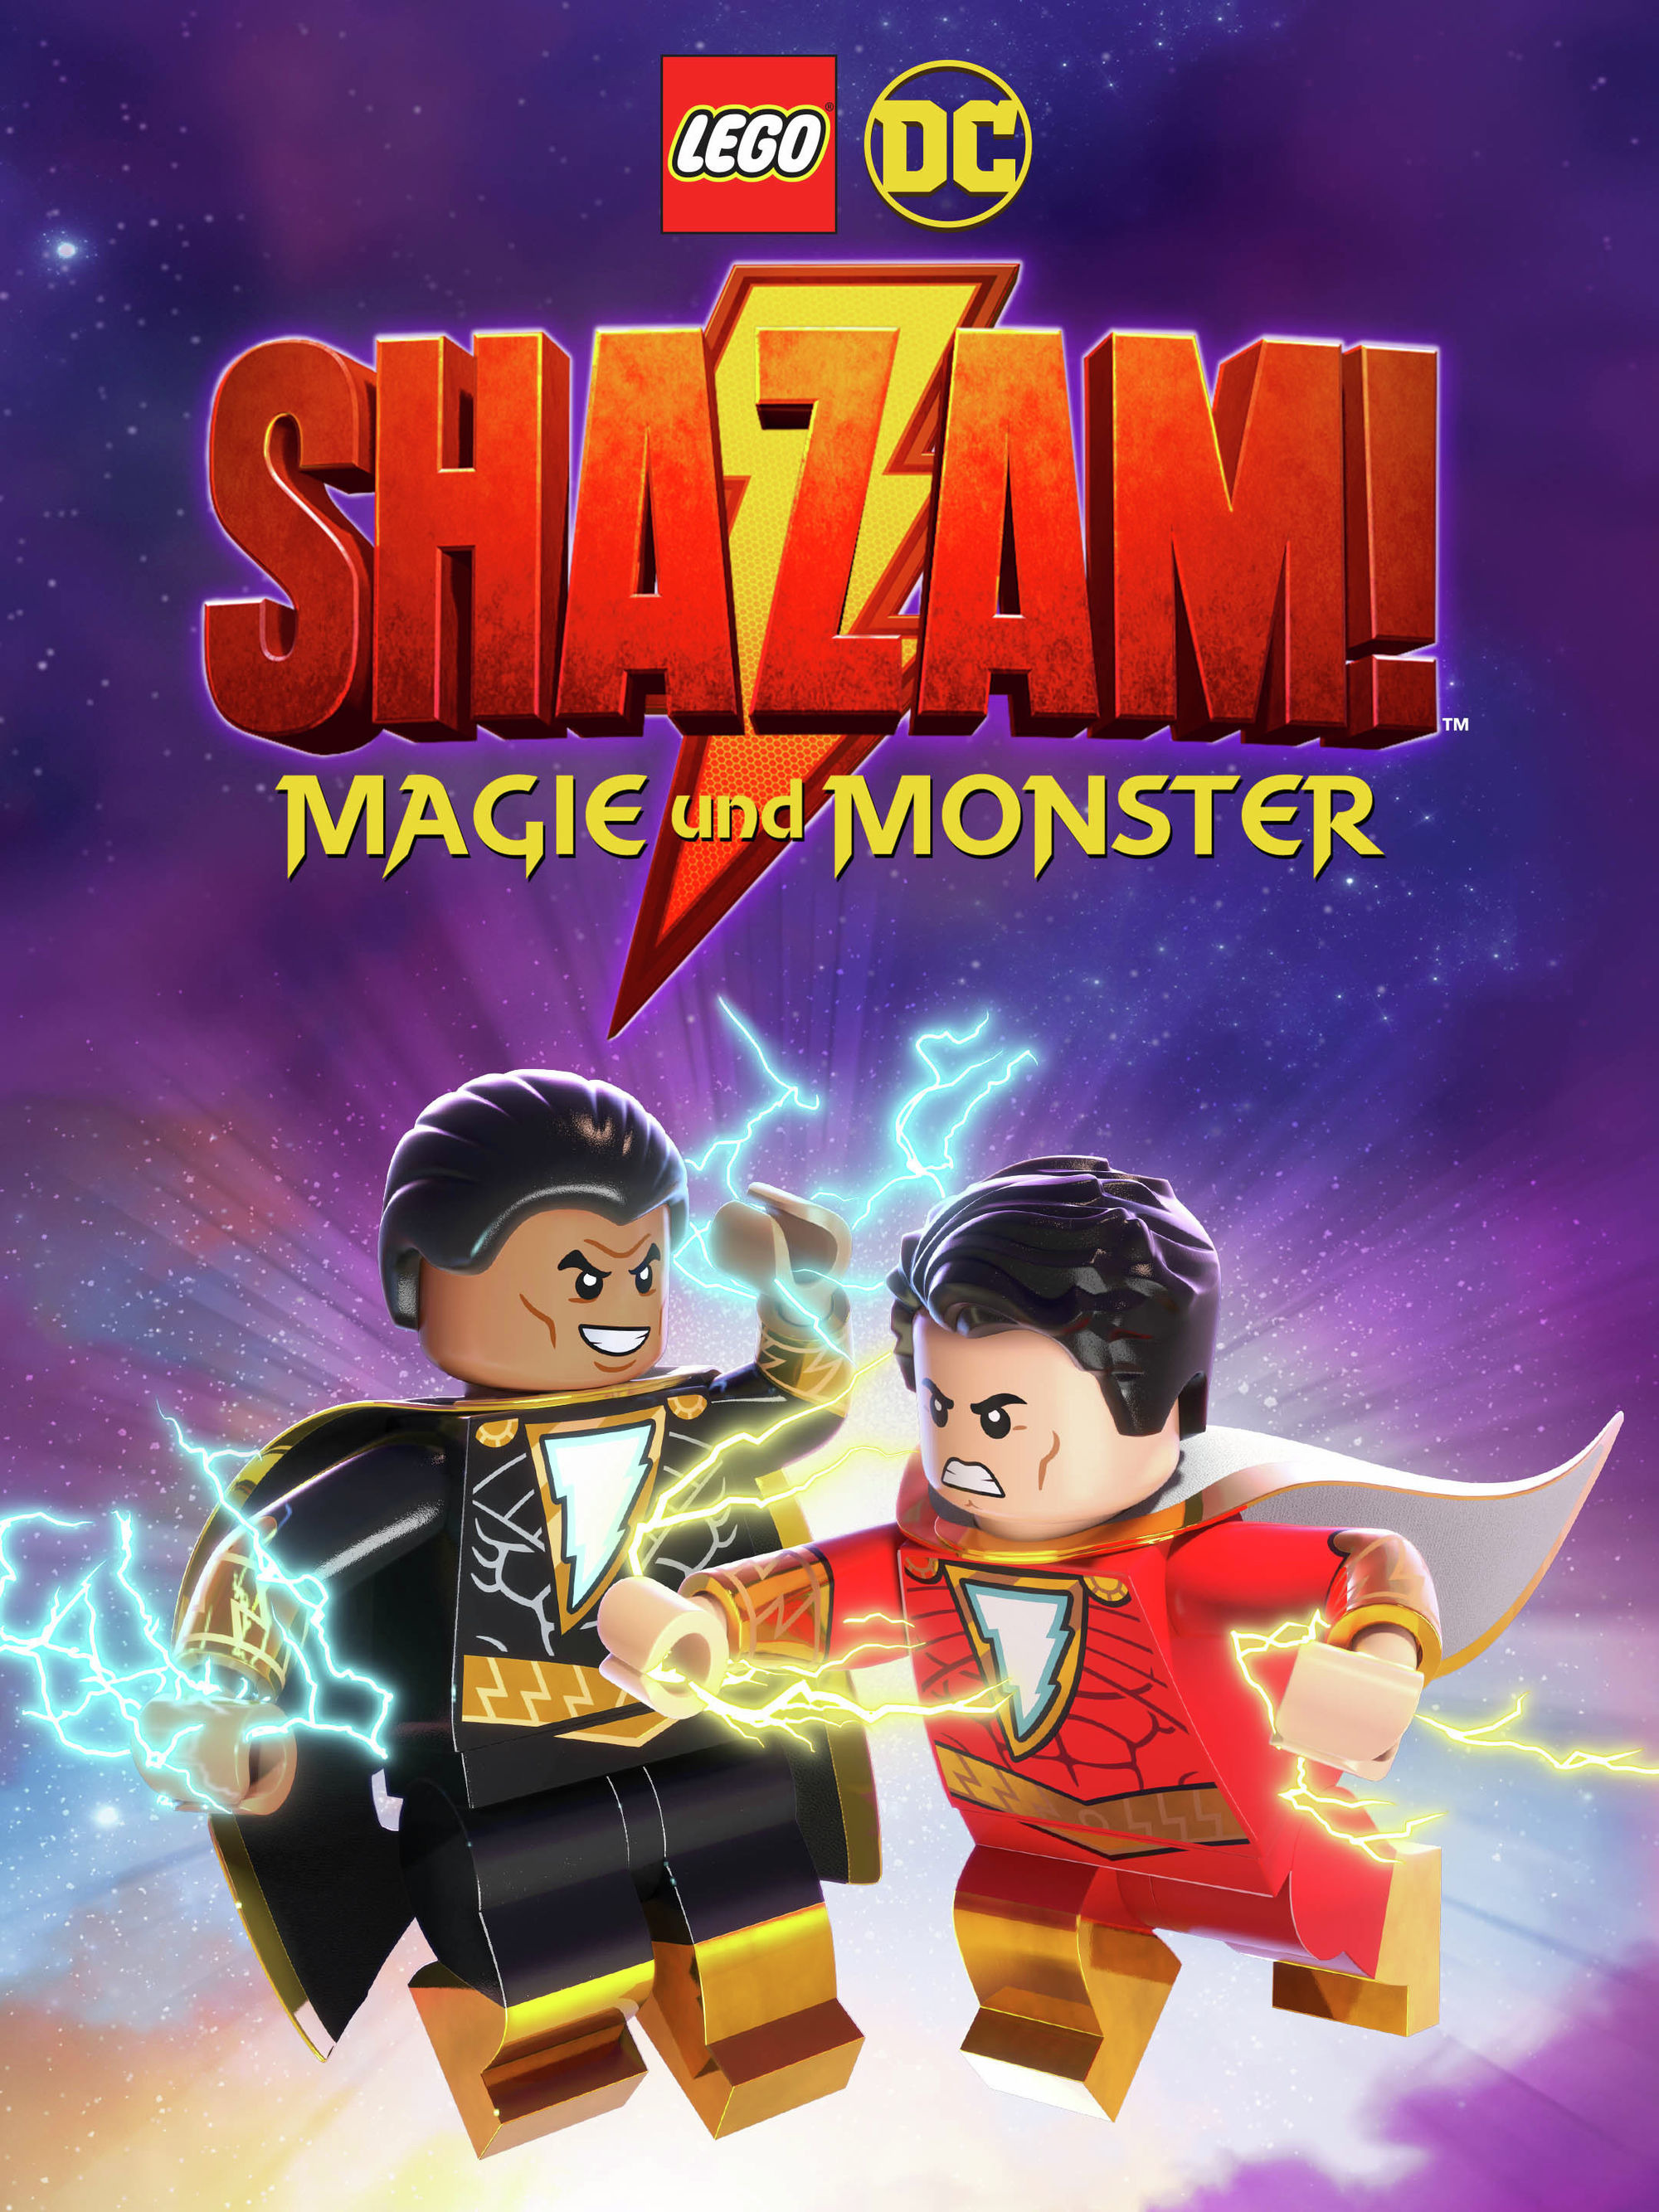 LEGO DC Shazam: Magie und Monster